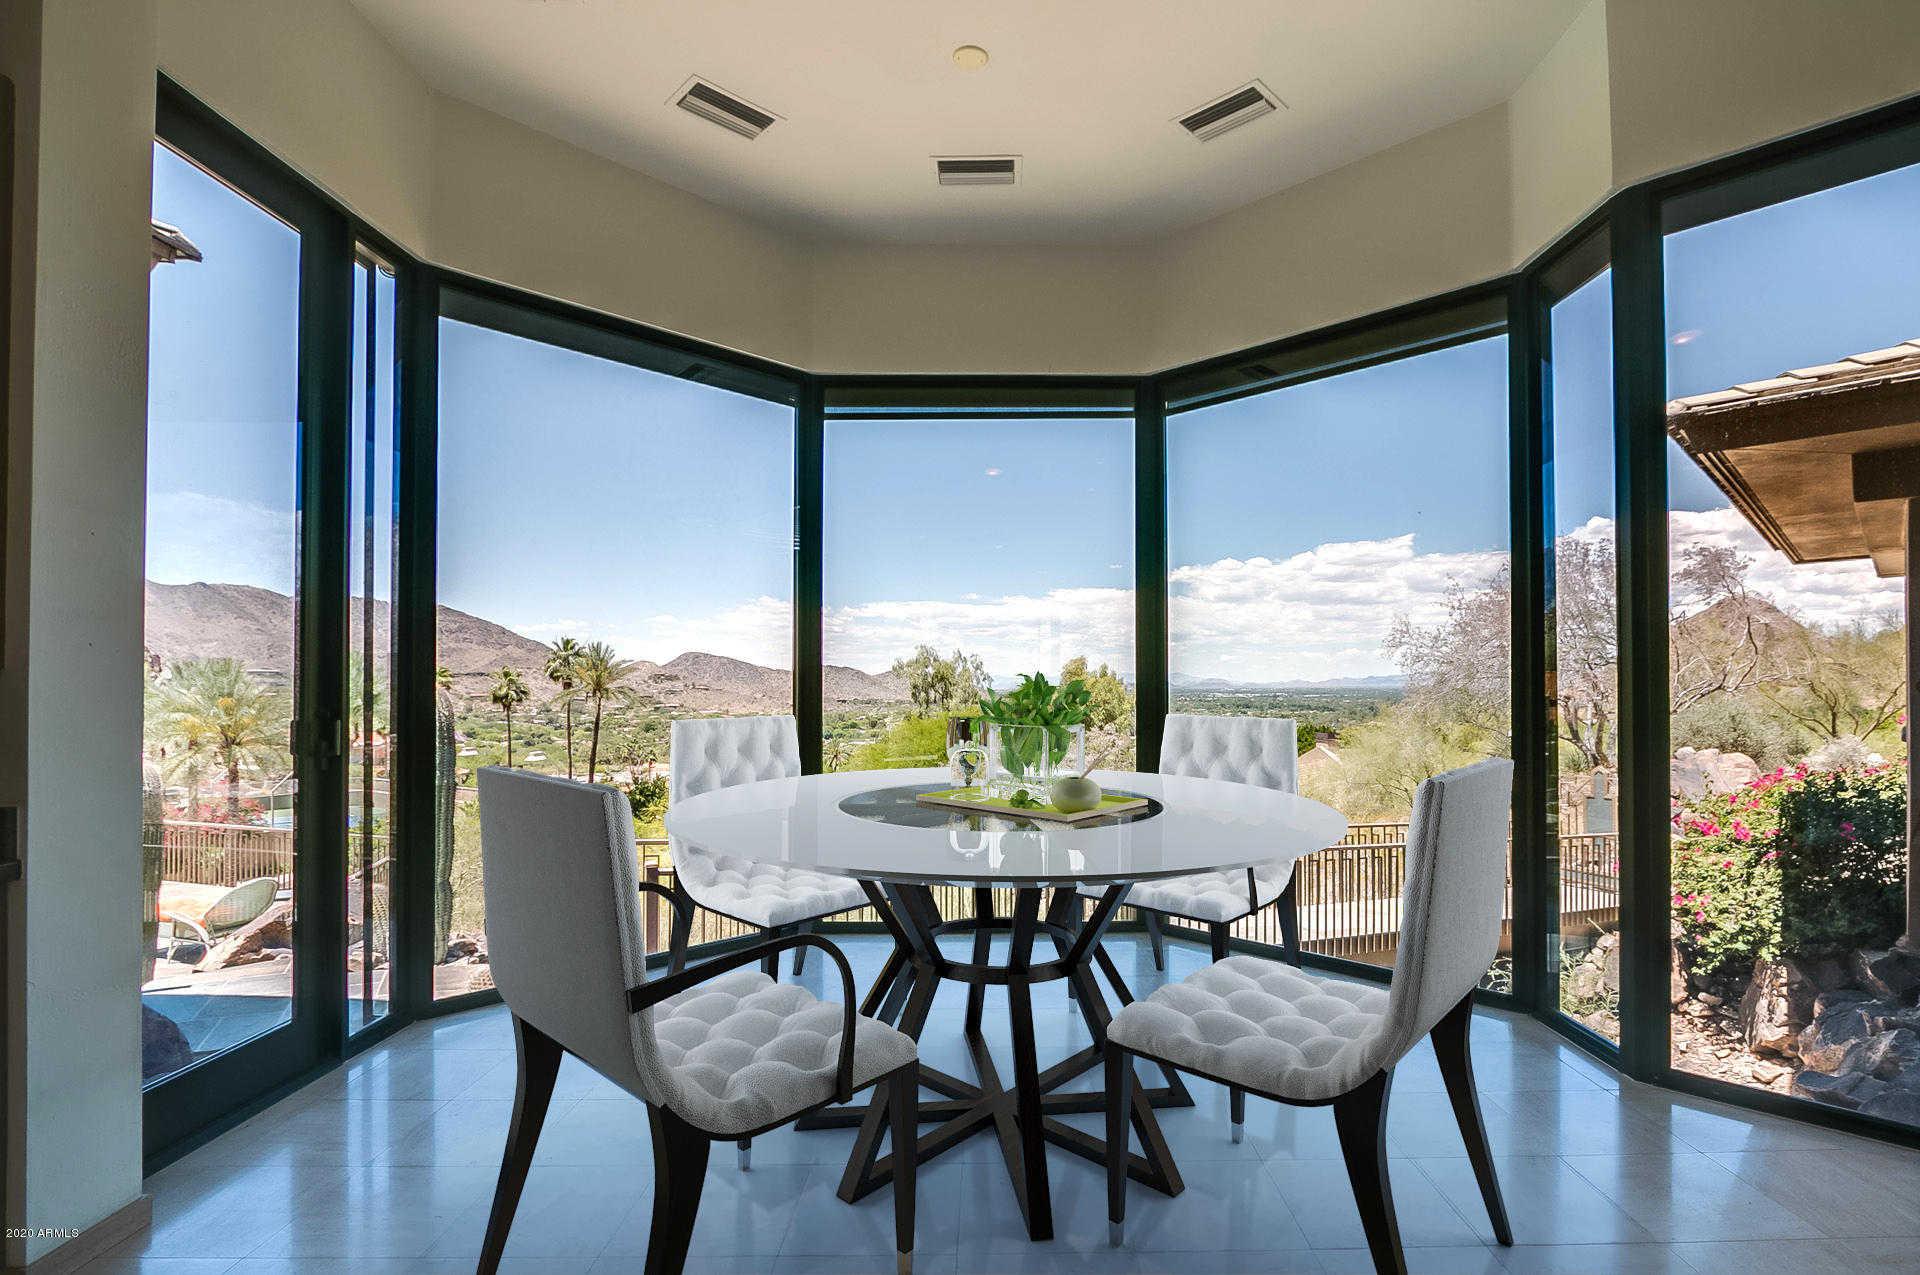 $2,150,000 - 3Br/4Ba - Home for Sale in Las Brisas Amd, Paradise Valley